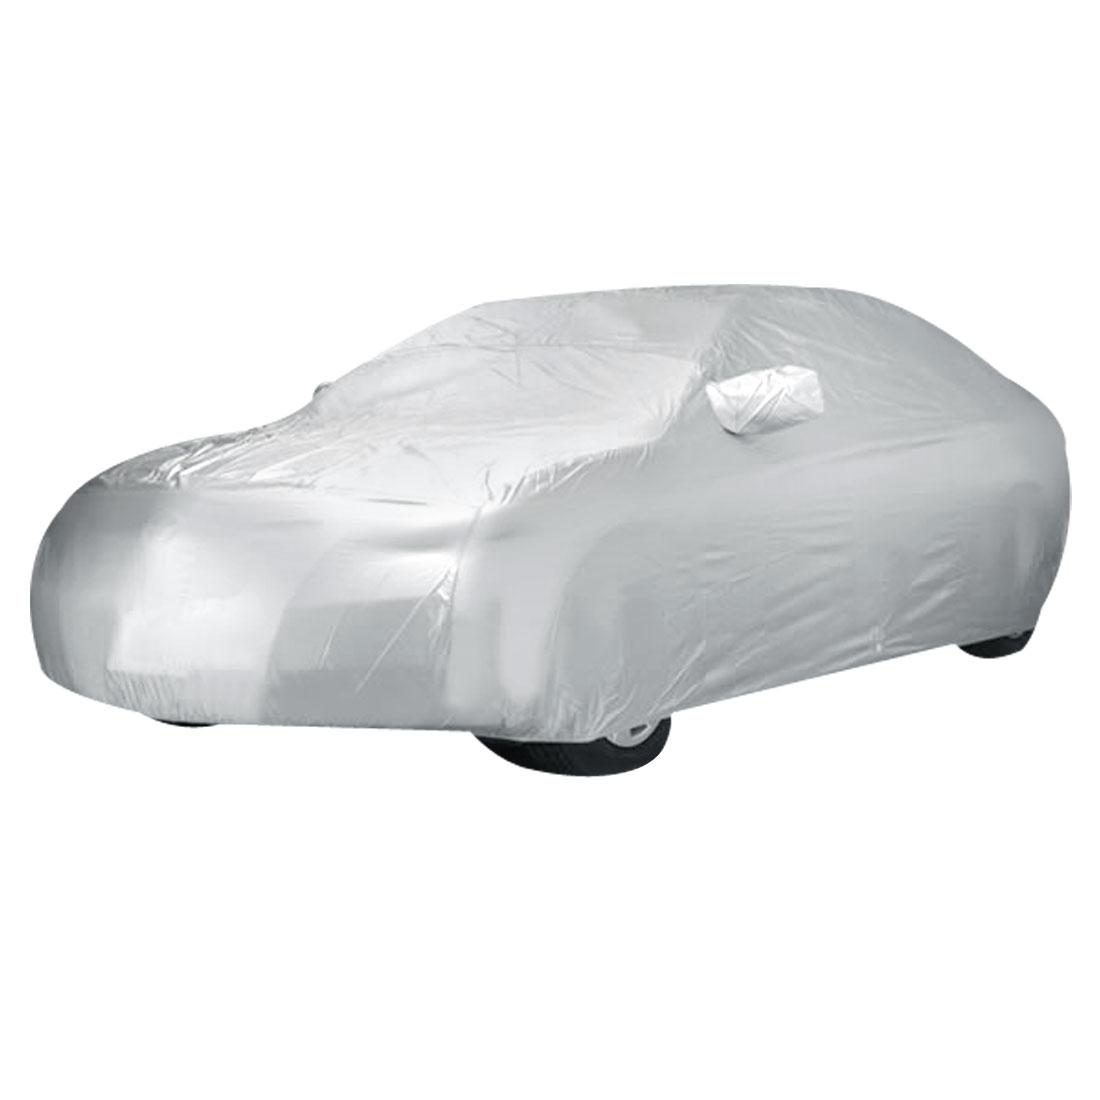 Outdoor Rain Sun Dust Snow Wind Waterproof Saloon Sedan Car Cover Size L 5000*1850*1500 (L*W*H)